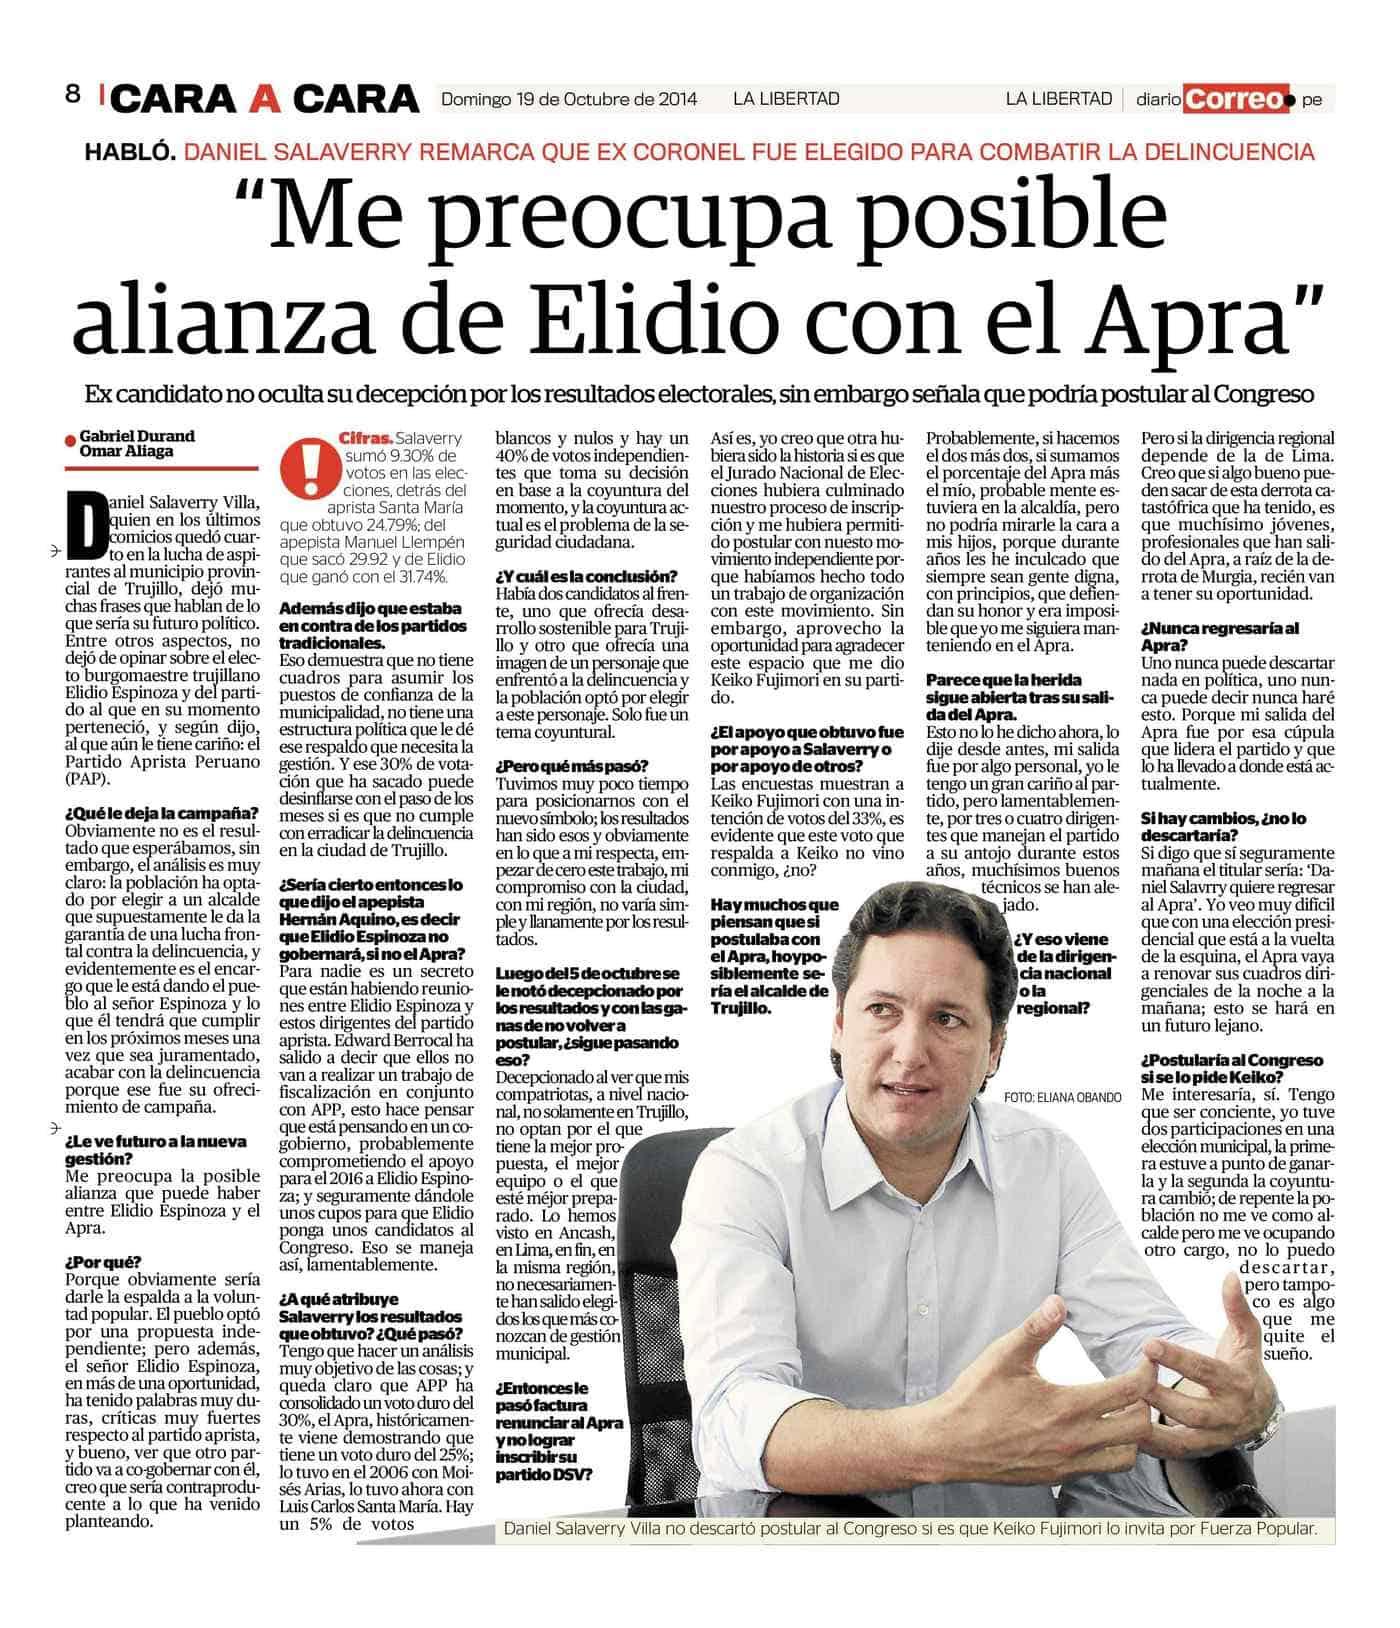 ME PREOCUPA POSIBLE ALIANZA DE ELIDIO CON EL APRA